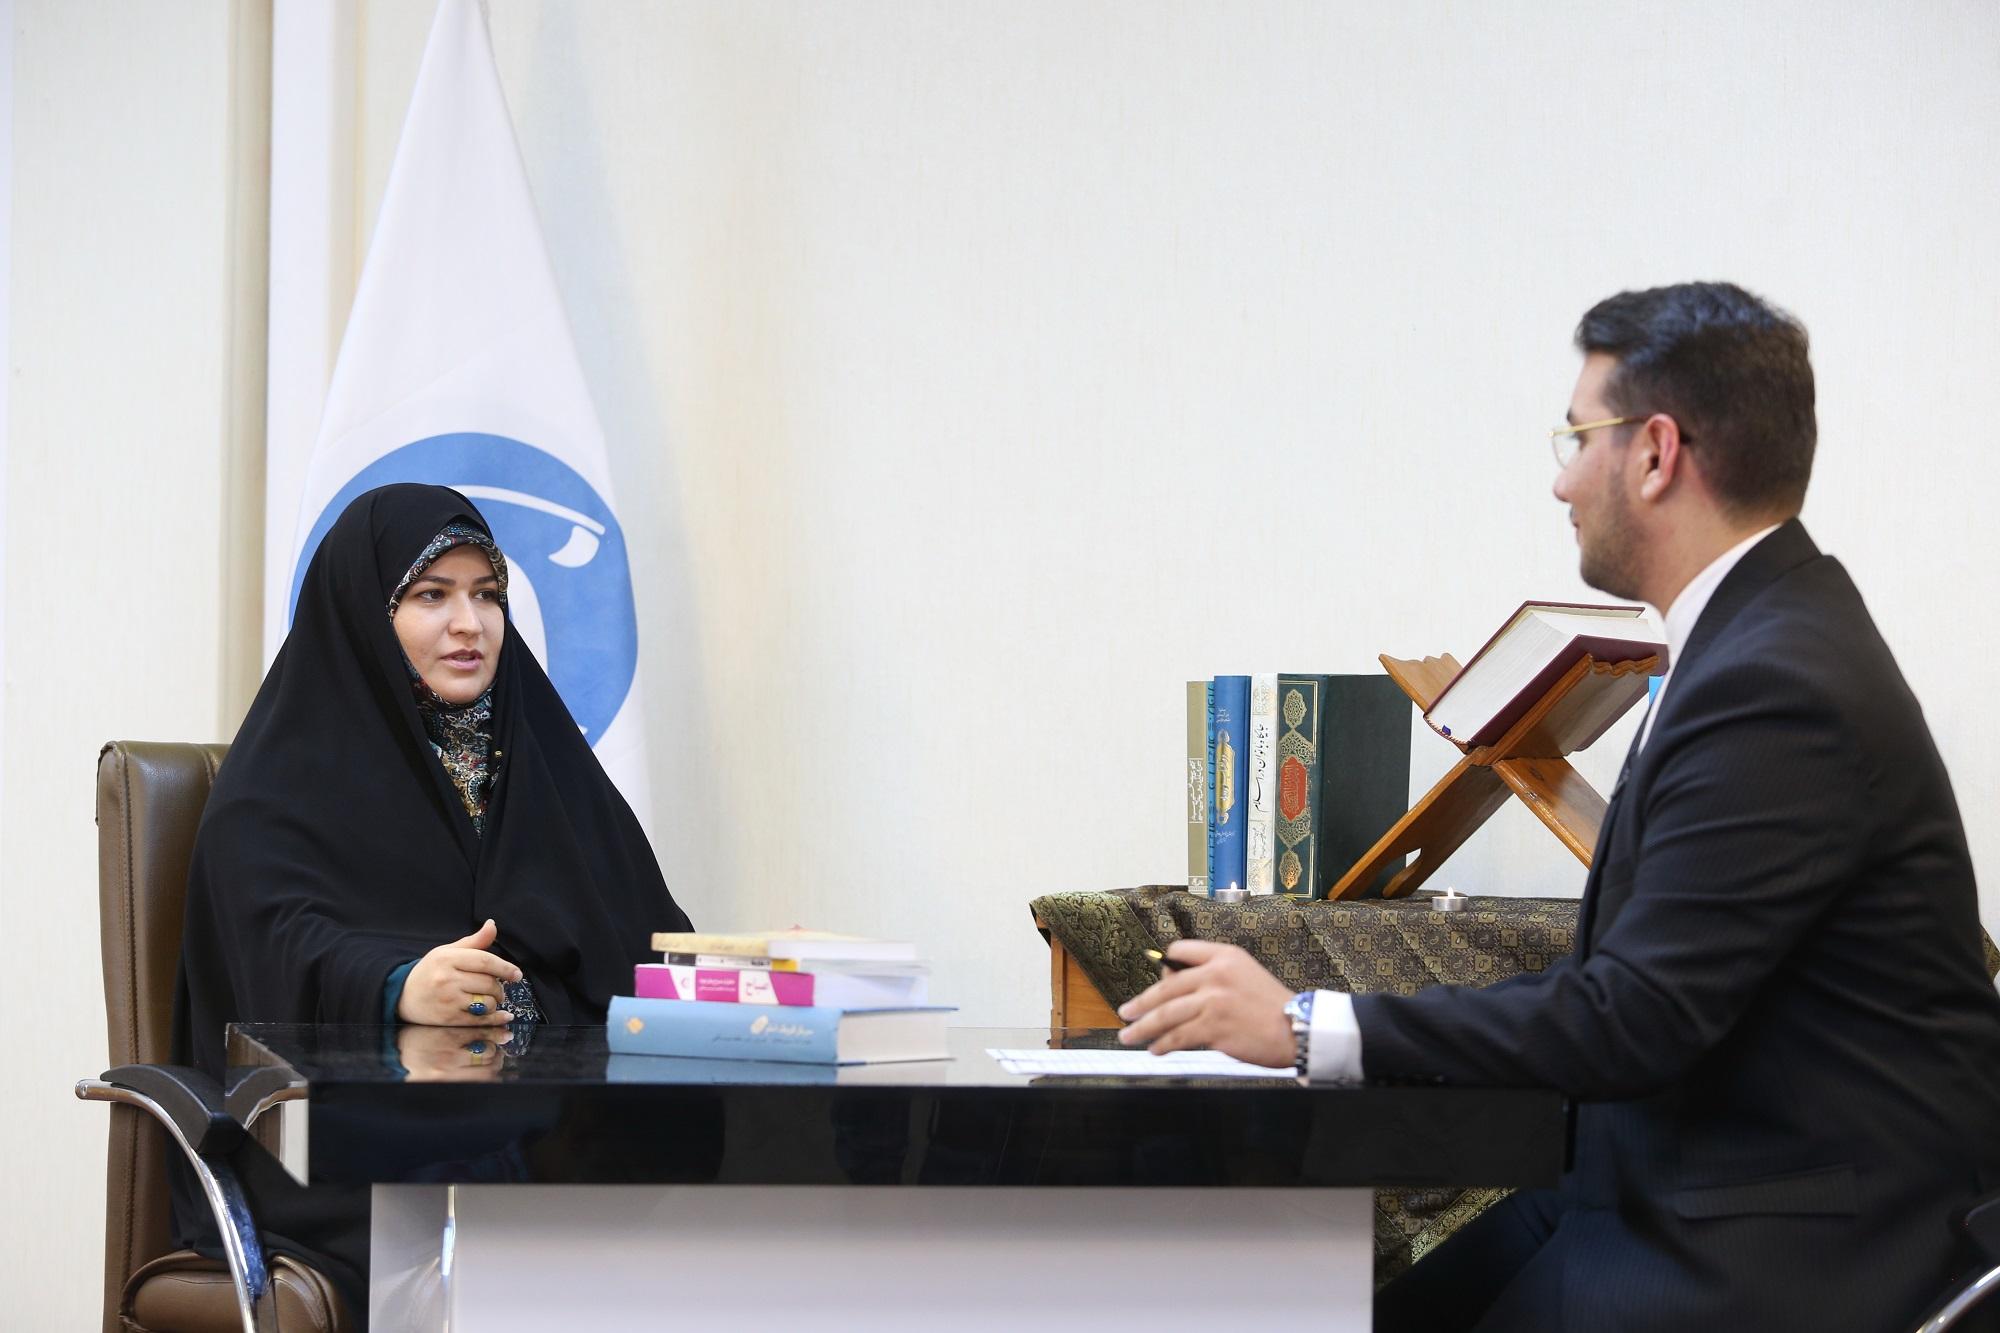 برنامه «عصر رمضان»/ جفایی که در حق زنان دفاع مقدس شد/ الهام گرفتن نویسنده «سرباز کوچک امام» از شهید آوینی